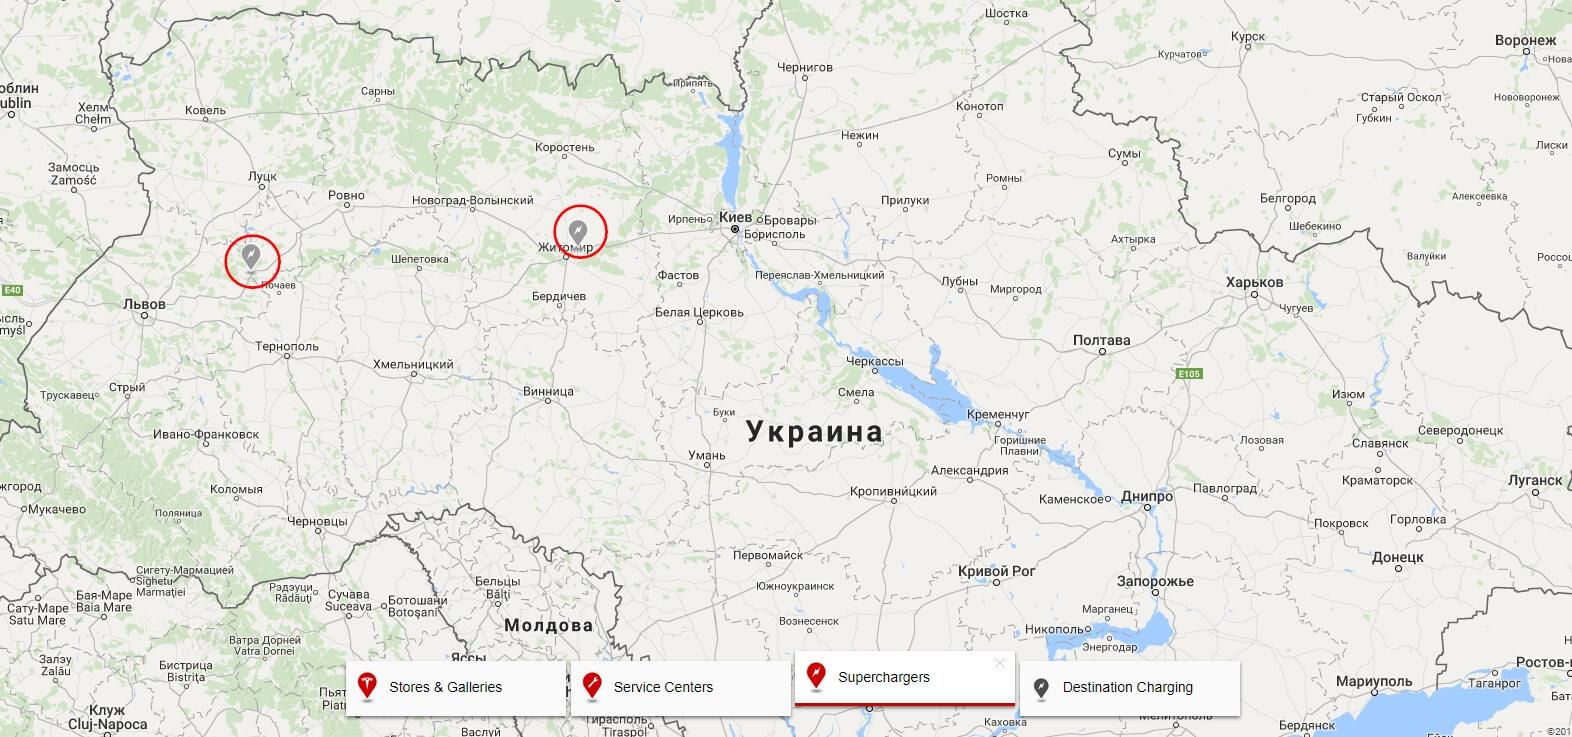 Карта локаций 2 будущих зарядных станций Tesla в Украине